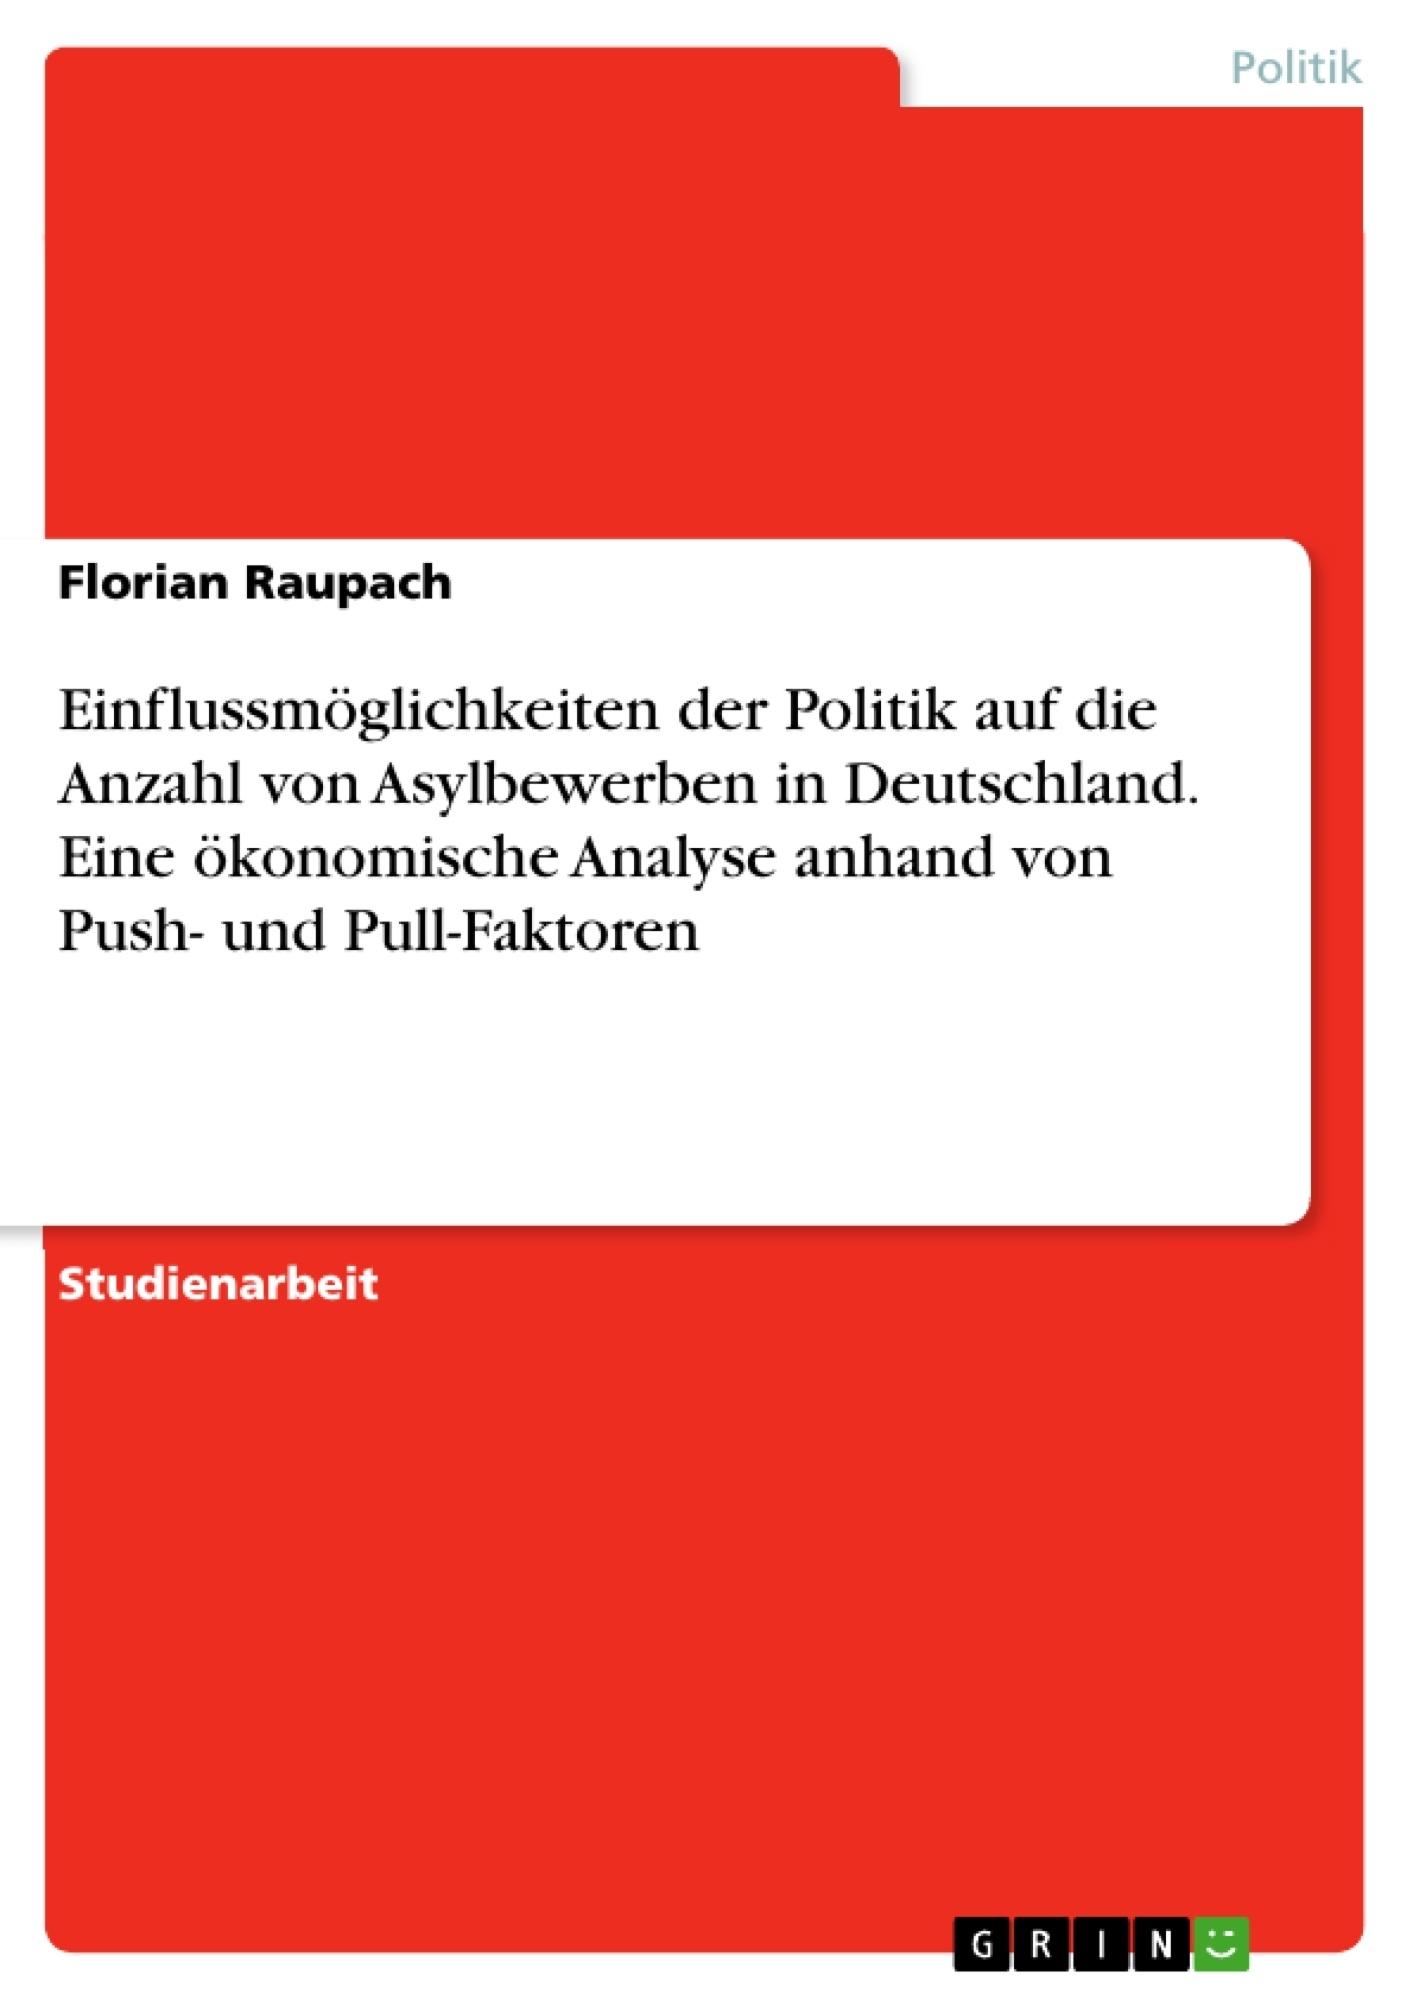 Titel: Einflussmöglichkeiten der Politik auf die Anzahl von Asylbewerben in Deutschland. Eine ökonomische Analyse anhand von Push- und Pull-Faktoren